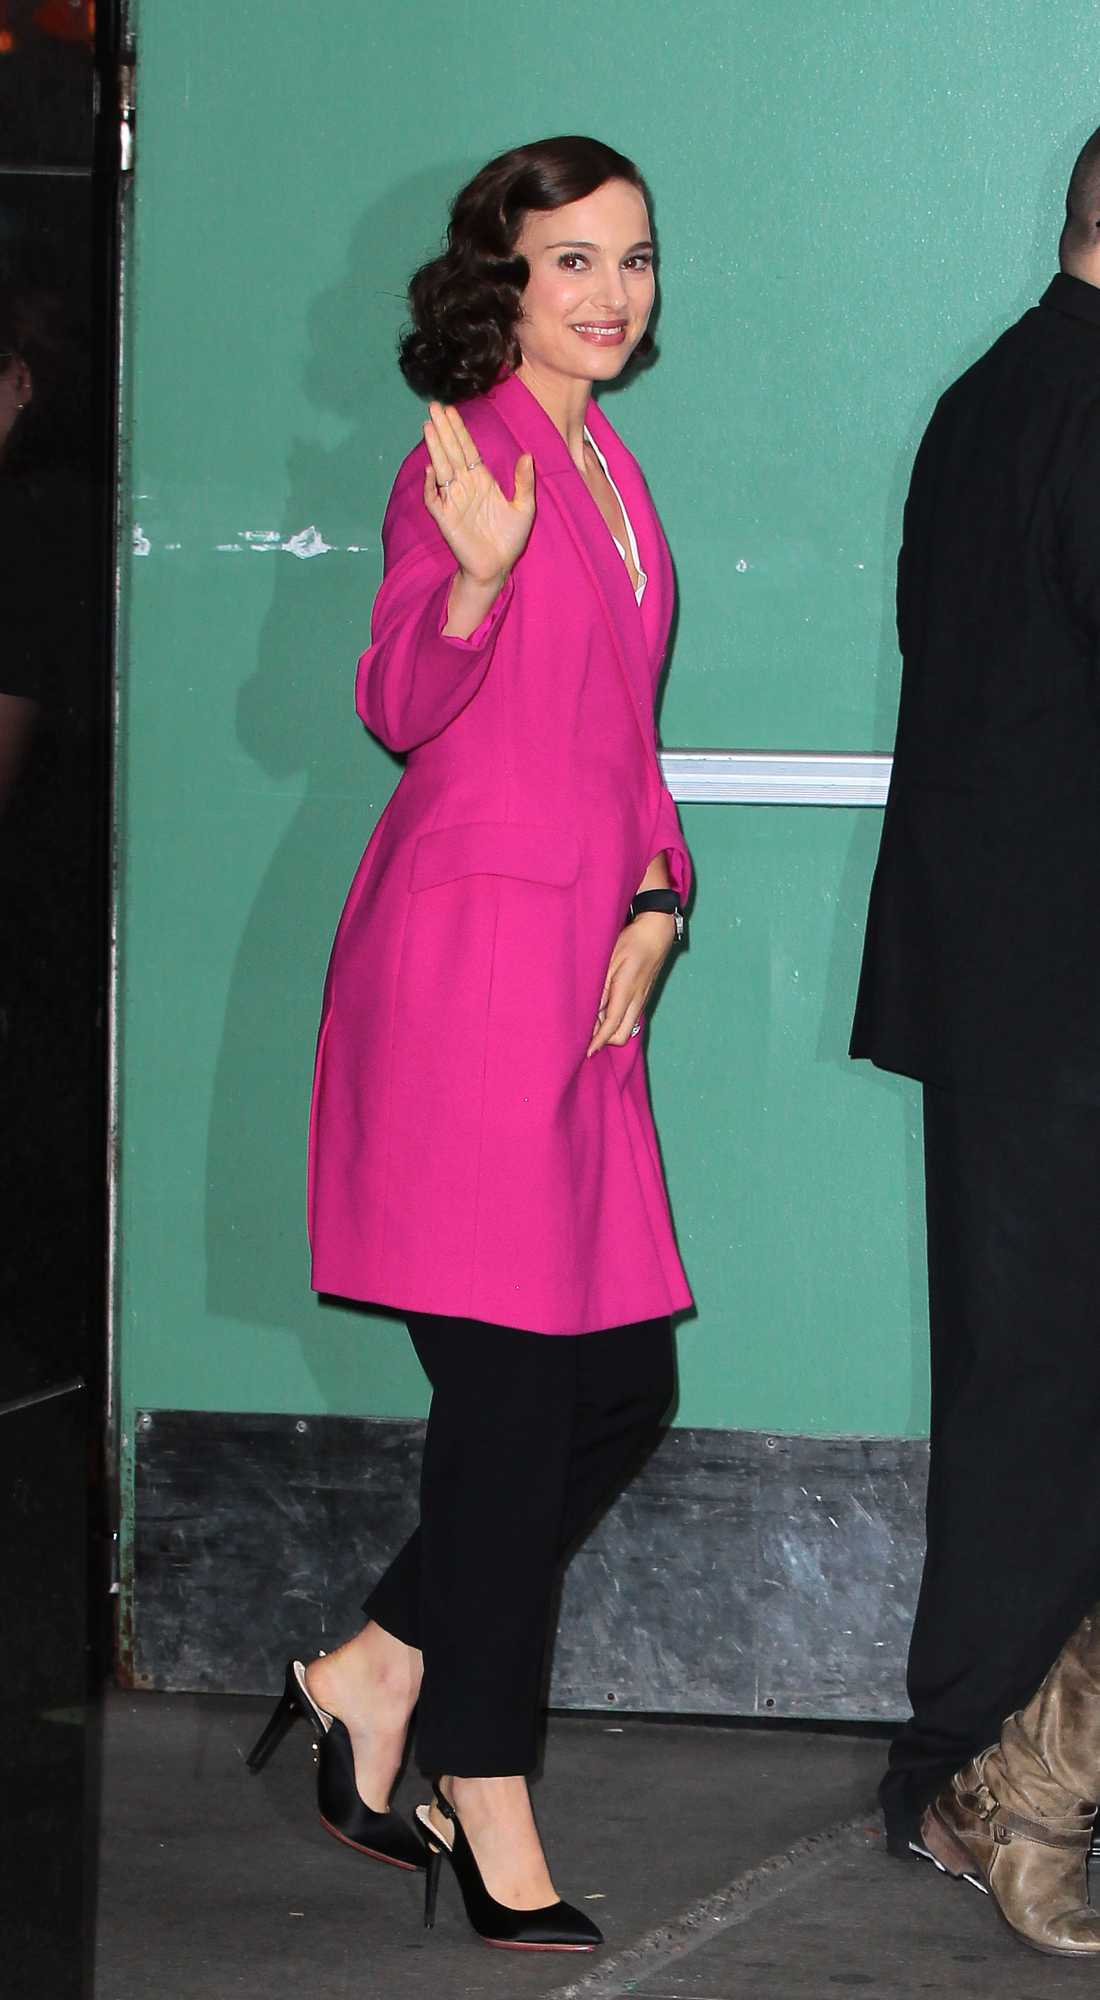 """Natalie Portman Natalie Portman fortsätter glänsa, här fortsatt i New York för tv-inspelning i fuchsia-färgad kappa, svarta byxor och pumps med öppen häl. Efter de senaste dagarnas klädval har det börjat ryktas att miss Portman kanske väntar smått igen. Kolla in gårdagens """"Dagen look"""" och avgör själv! Länk hittar du lite längre ner på sidan under """"Läs mer""""."""